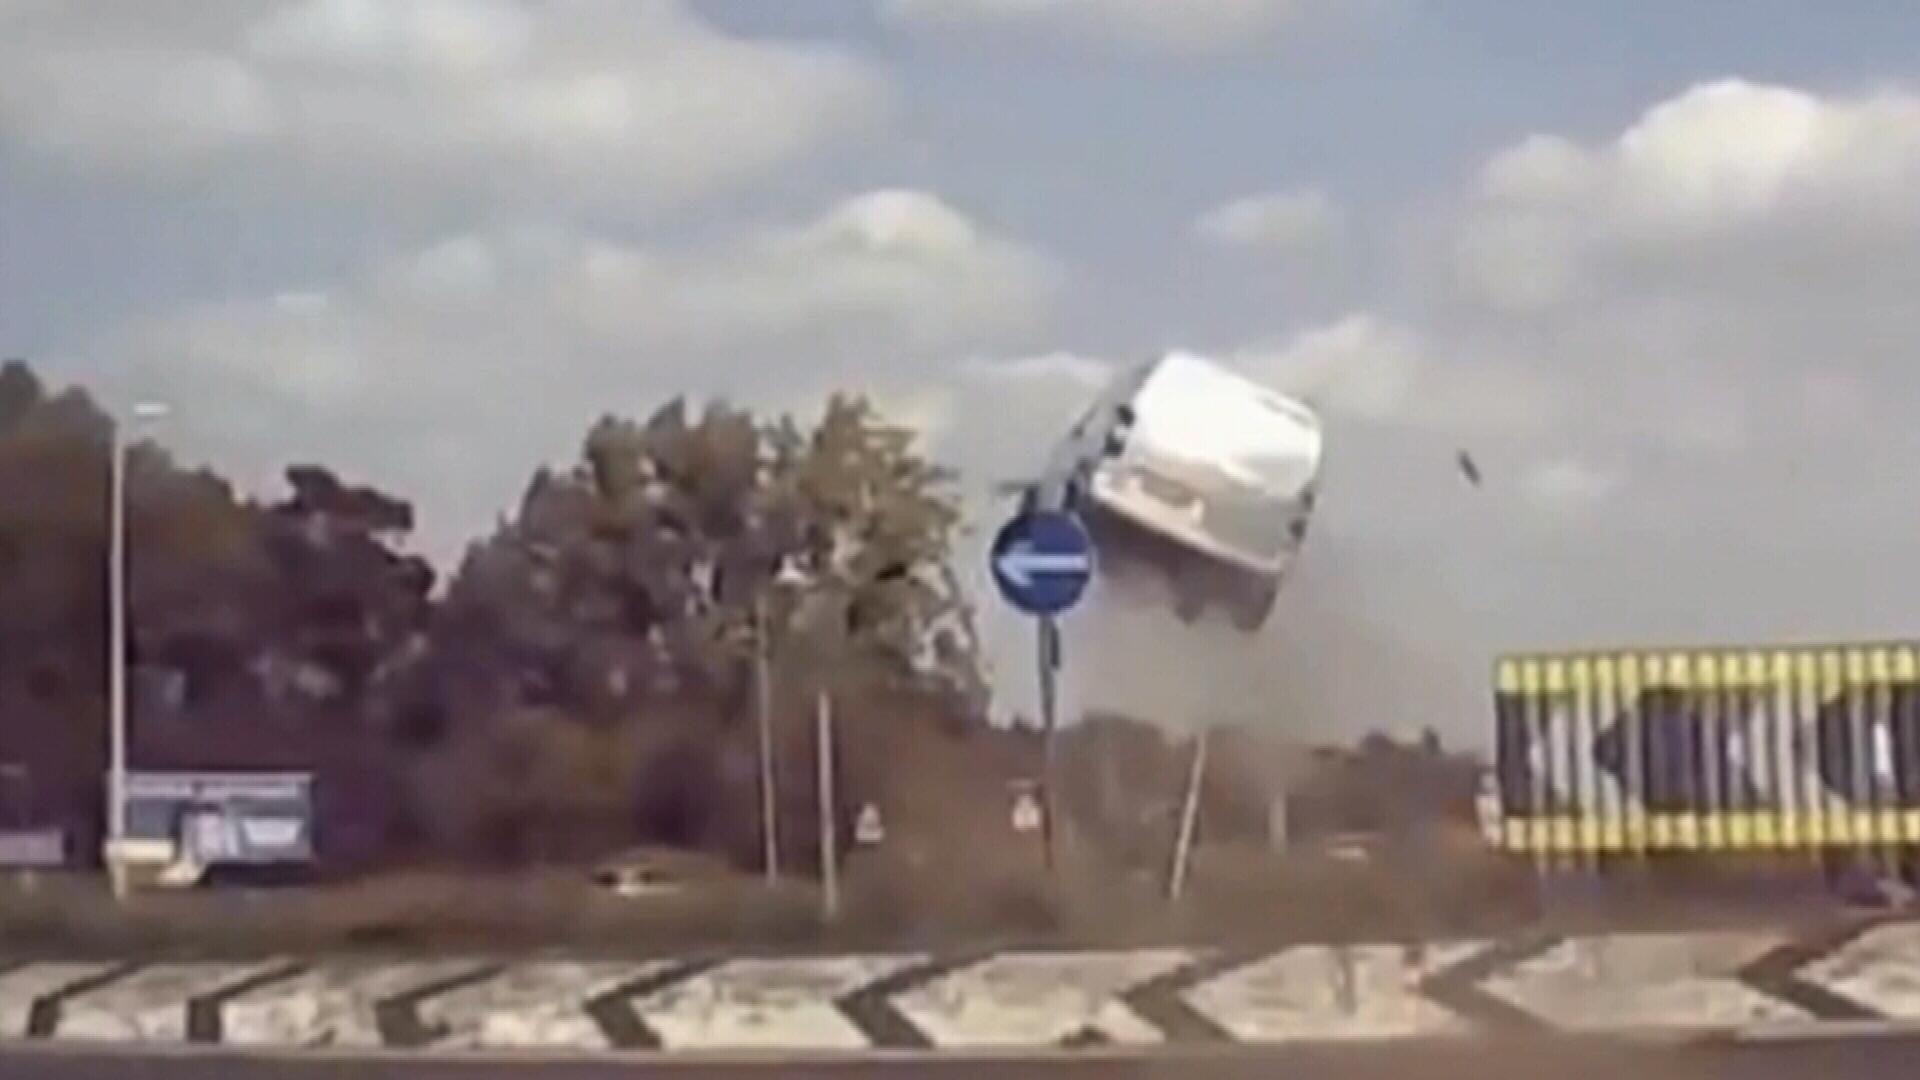 Van flies through air movie-stunt style in UK